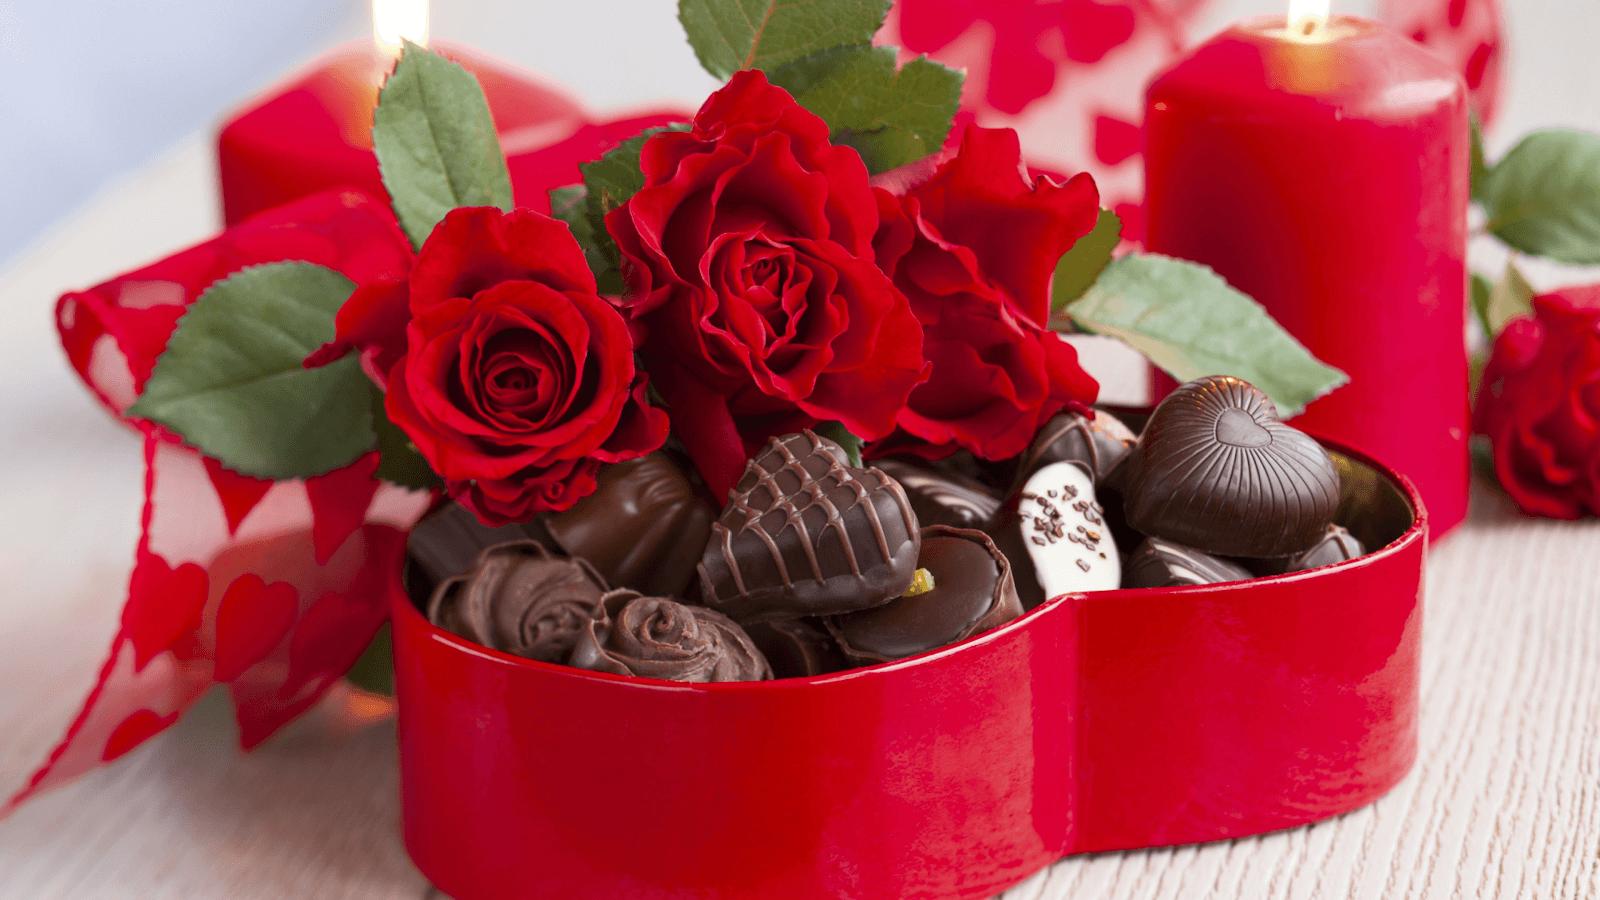 Bạn đừng quên chọn một món quà thật ý nghĩa đi kèm với lời tỏ tình nhé